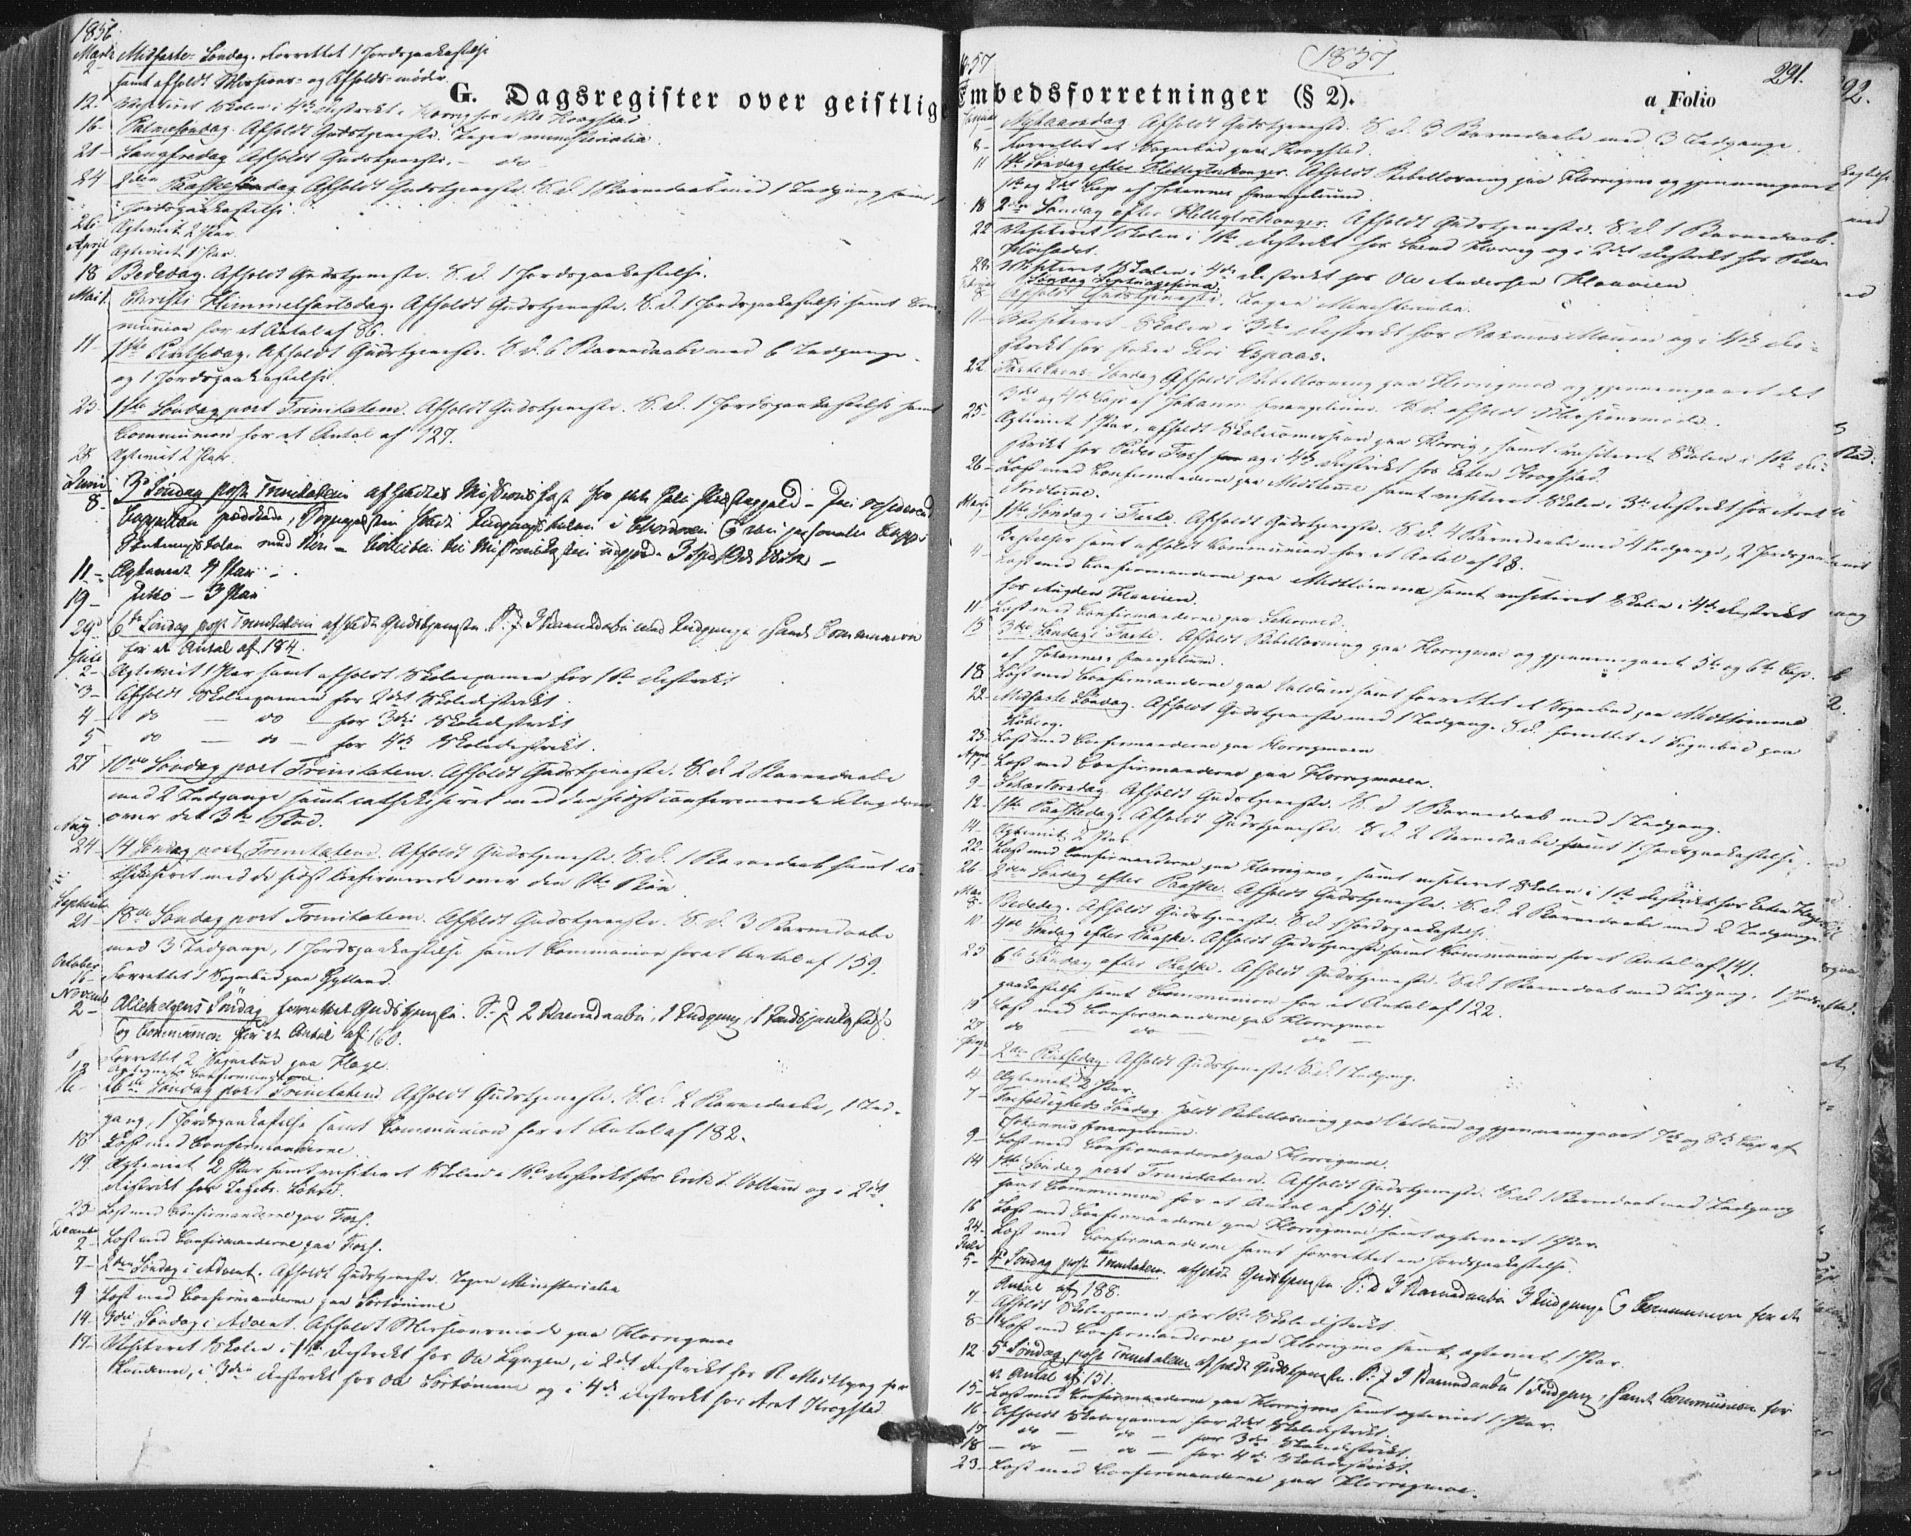 SAT, Ministerialprotokoller, klokkerbøker og fødselsregistre - Sør-Trøndelag, 692/L1103: Ministerialbok nr. 692A03, 1849-1870, s. 291